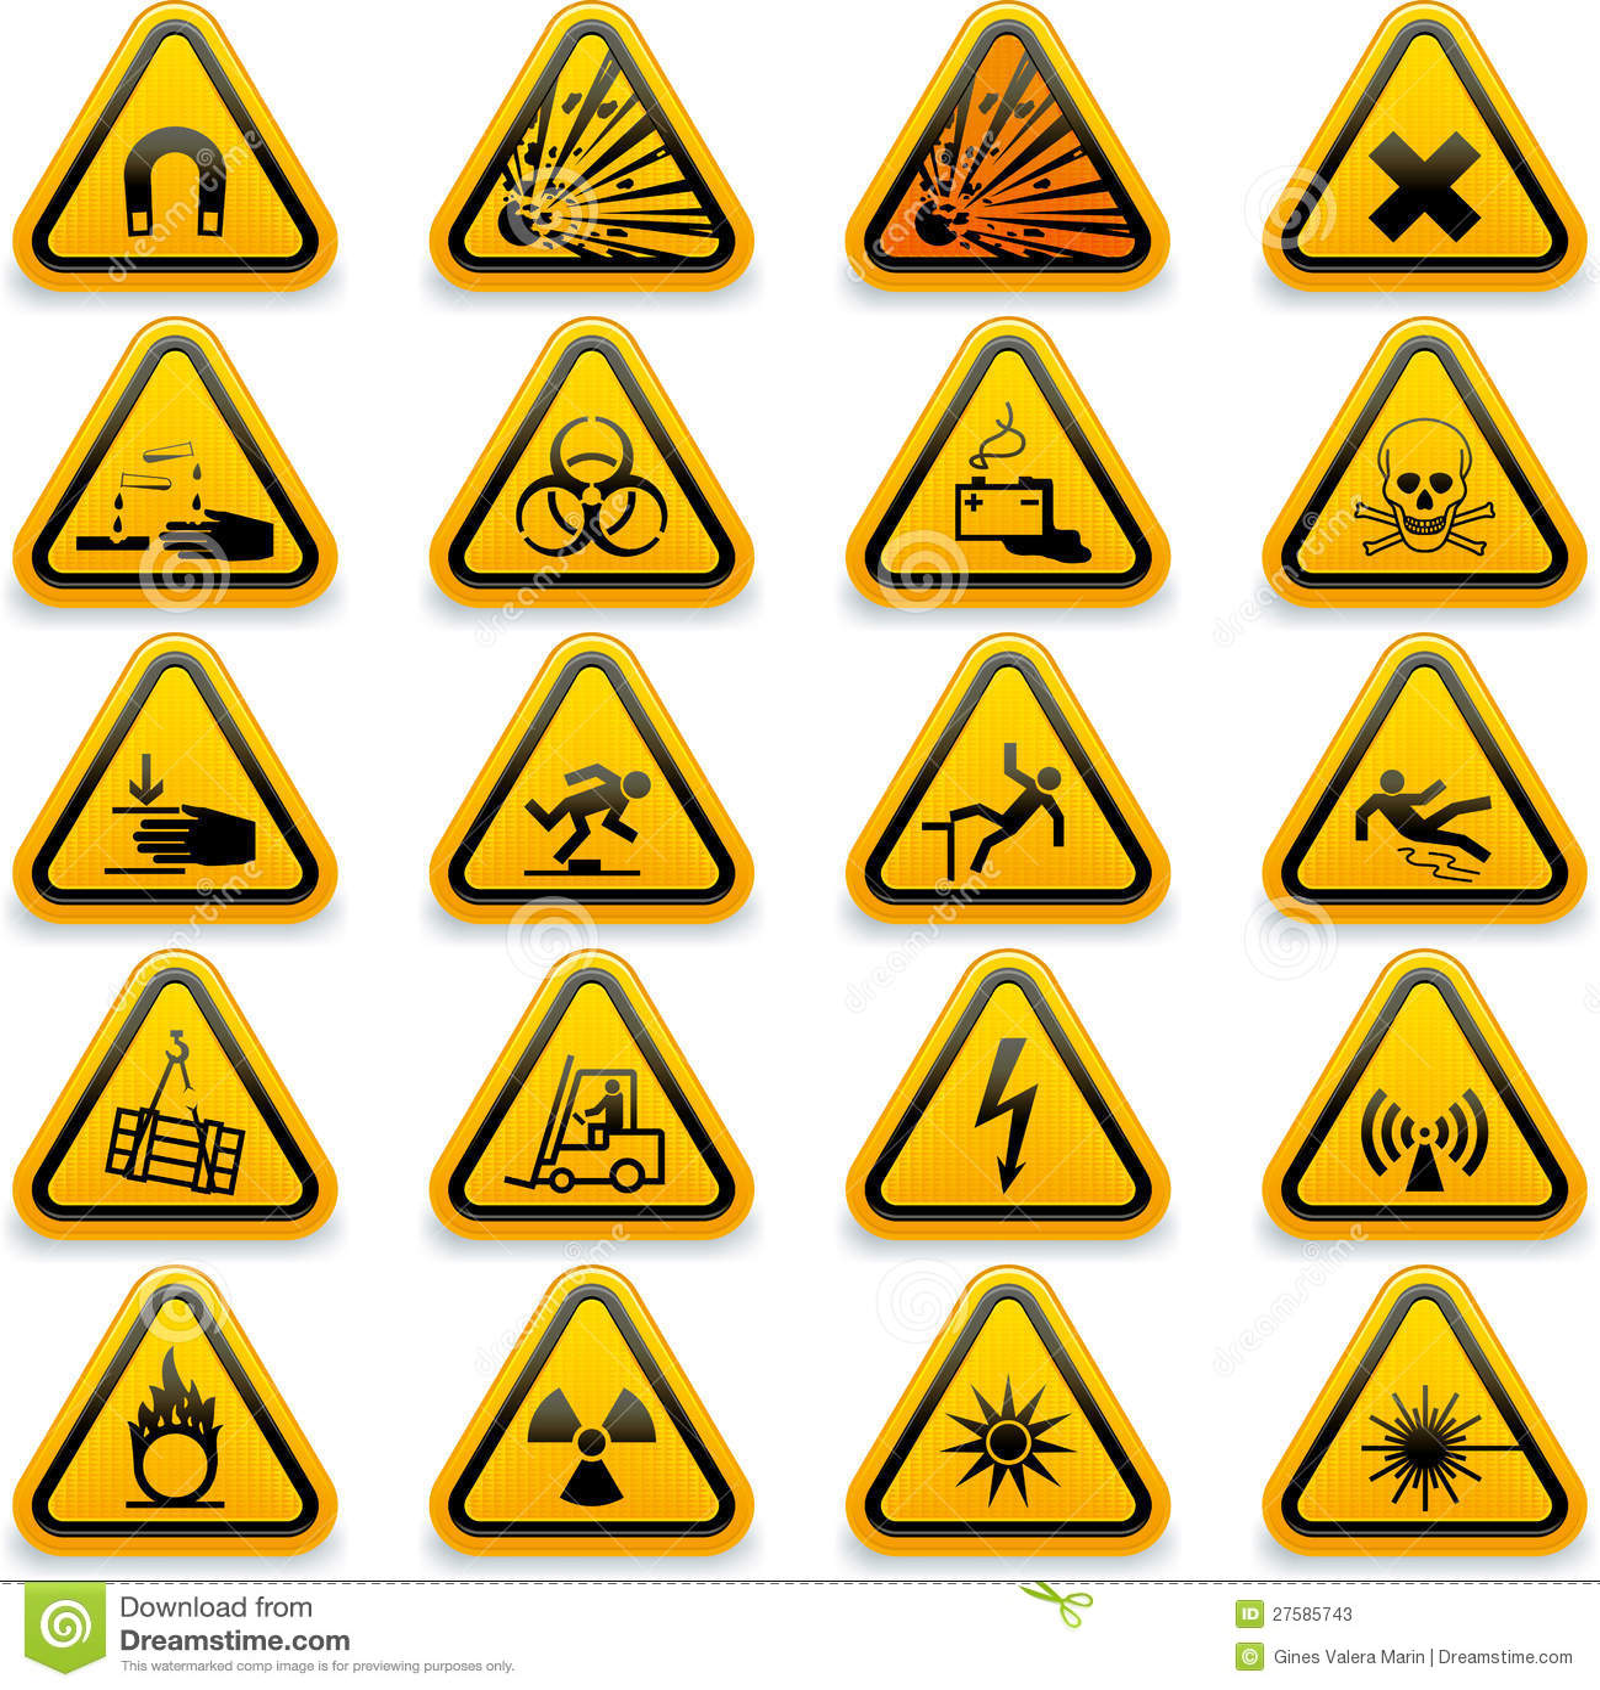 Standard Hazard Symbols Stock Vector Illustration Of Standard